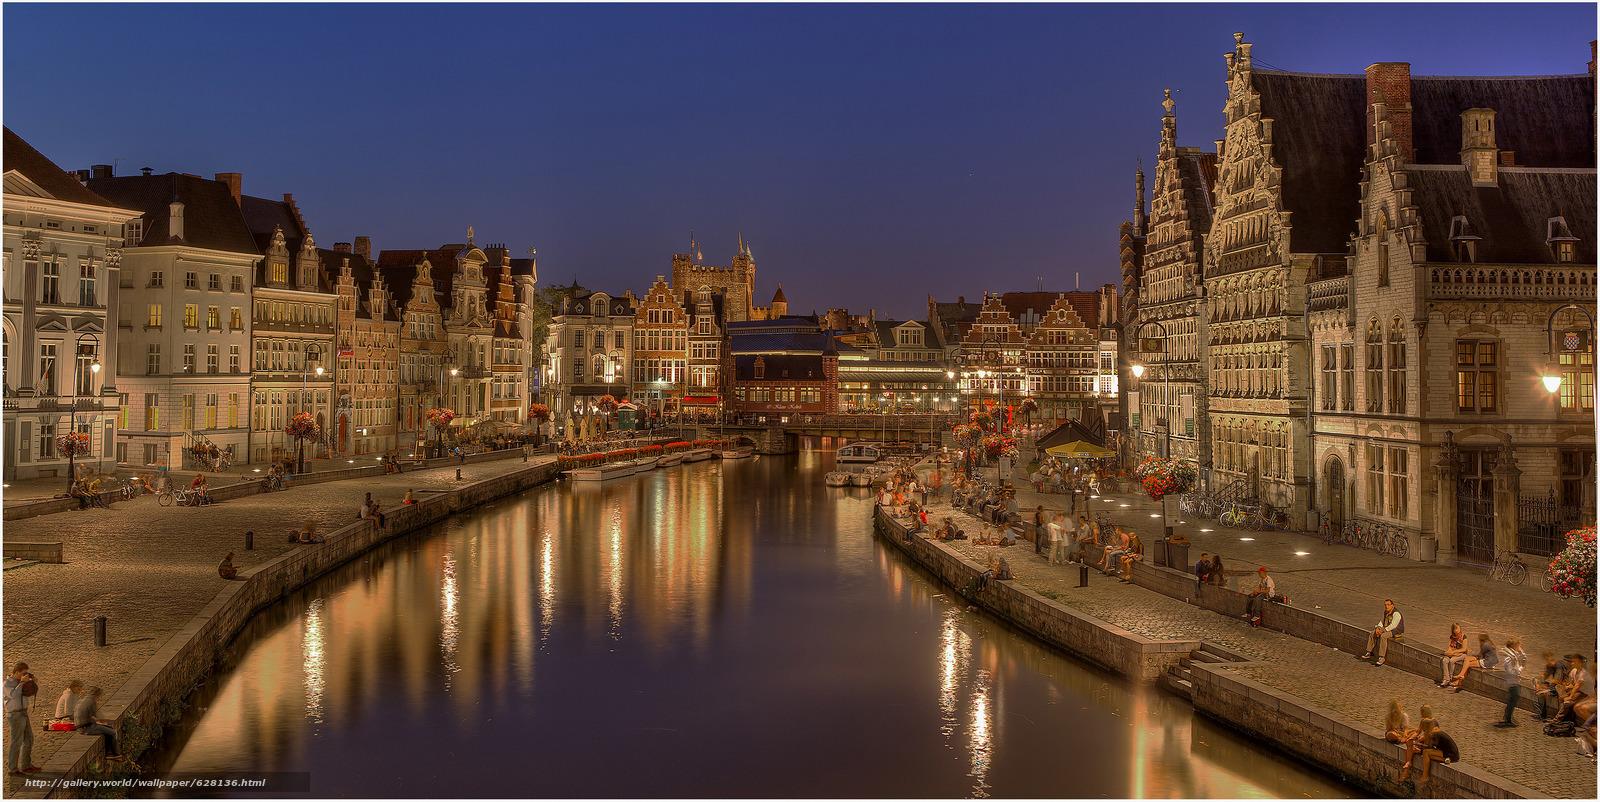 Скачать на телефон обои фото картинку на тему Гент, Gent, город во Фландрии, в Бельгии, Belgium, разширение 3555x1783